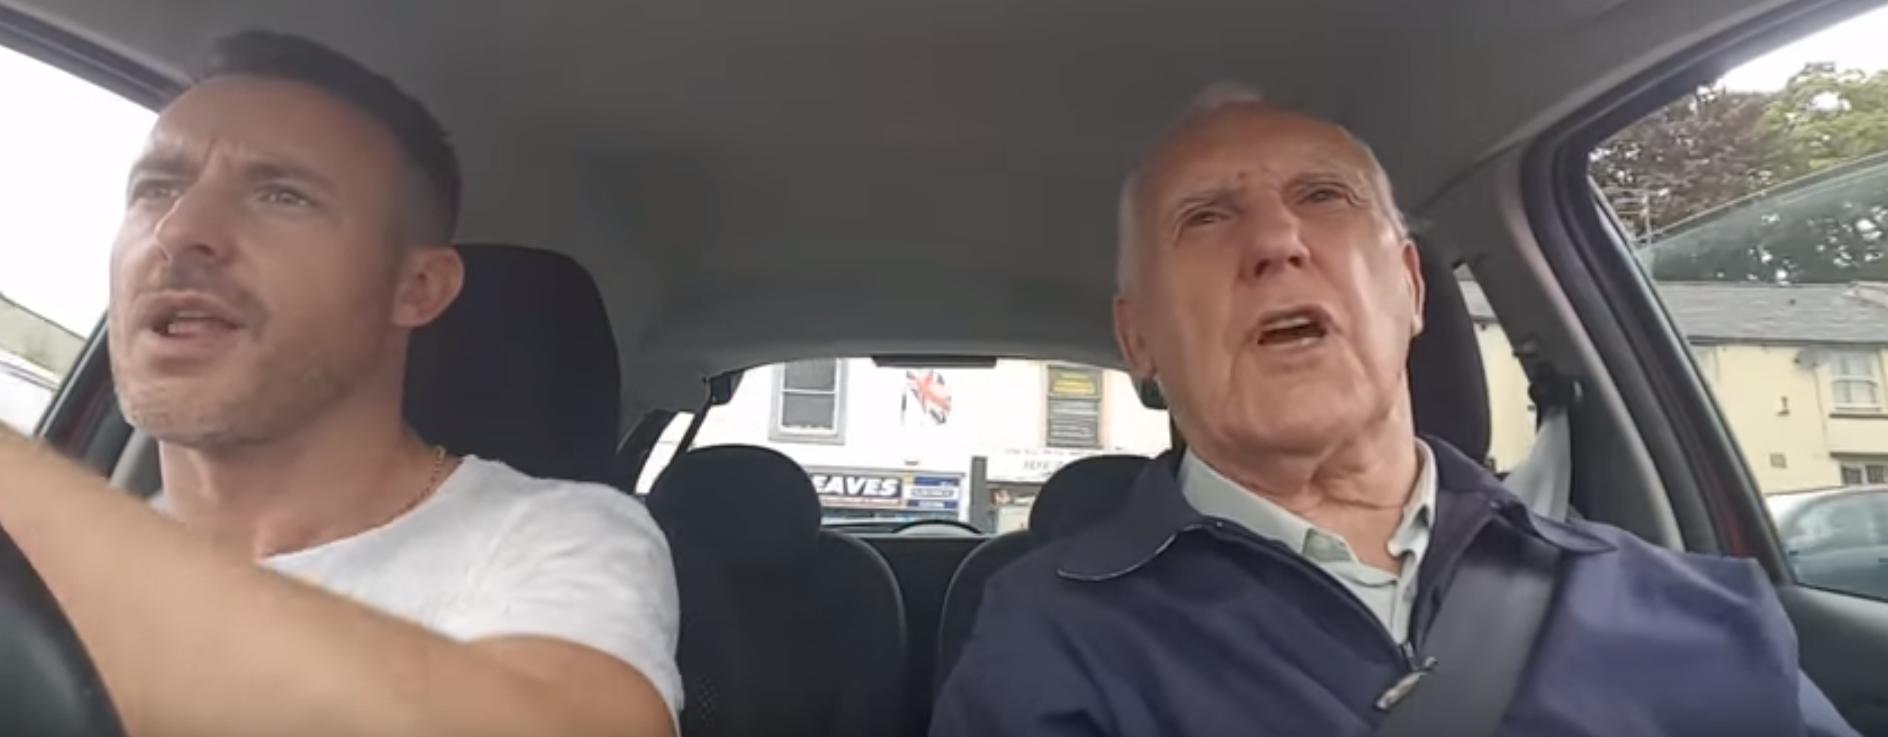 Video: Lief! Zoon zingt met zijn dementerende vader in de auto